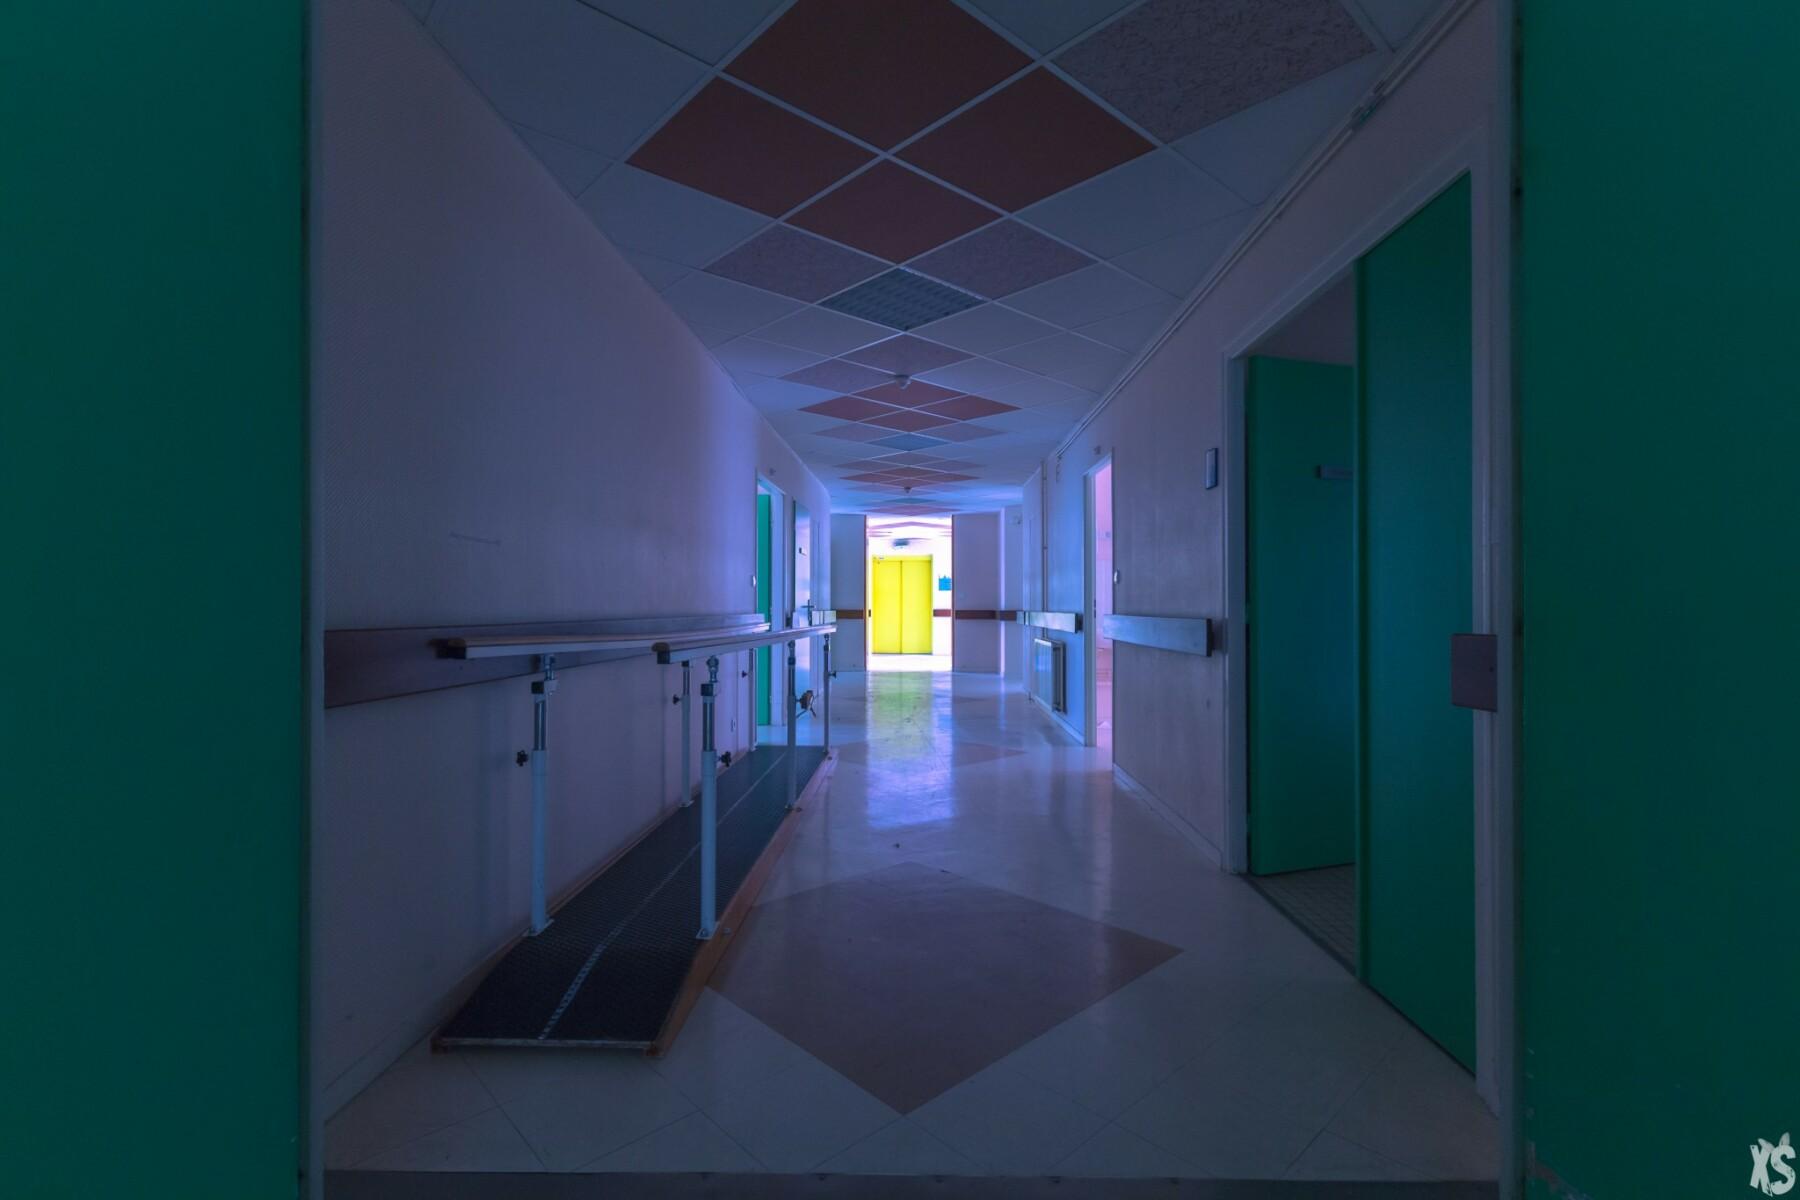 sanatorium-eugene-aram-35